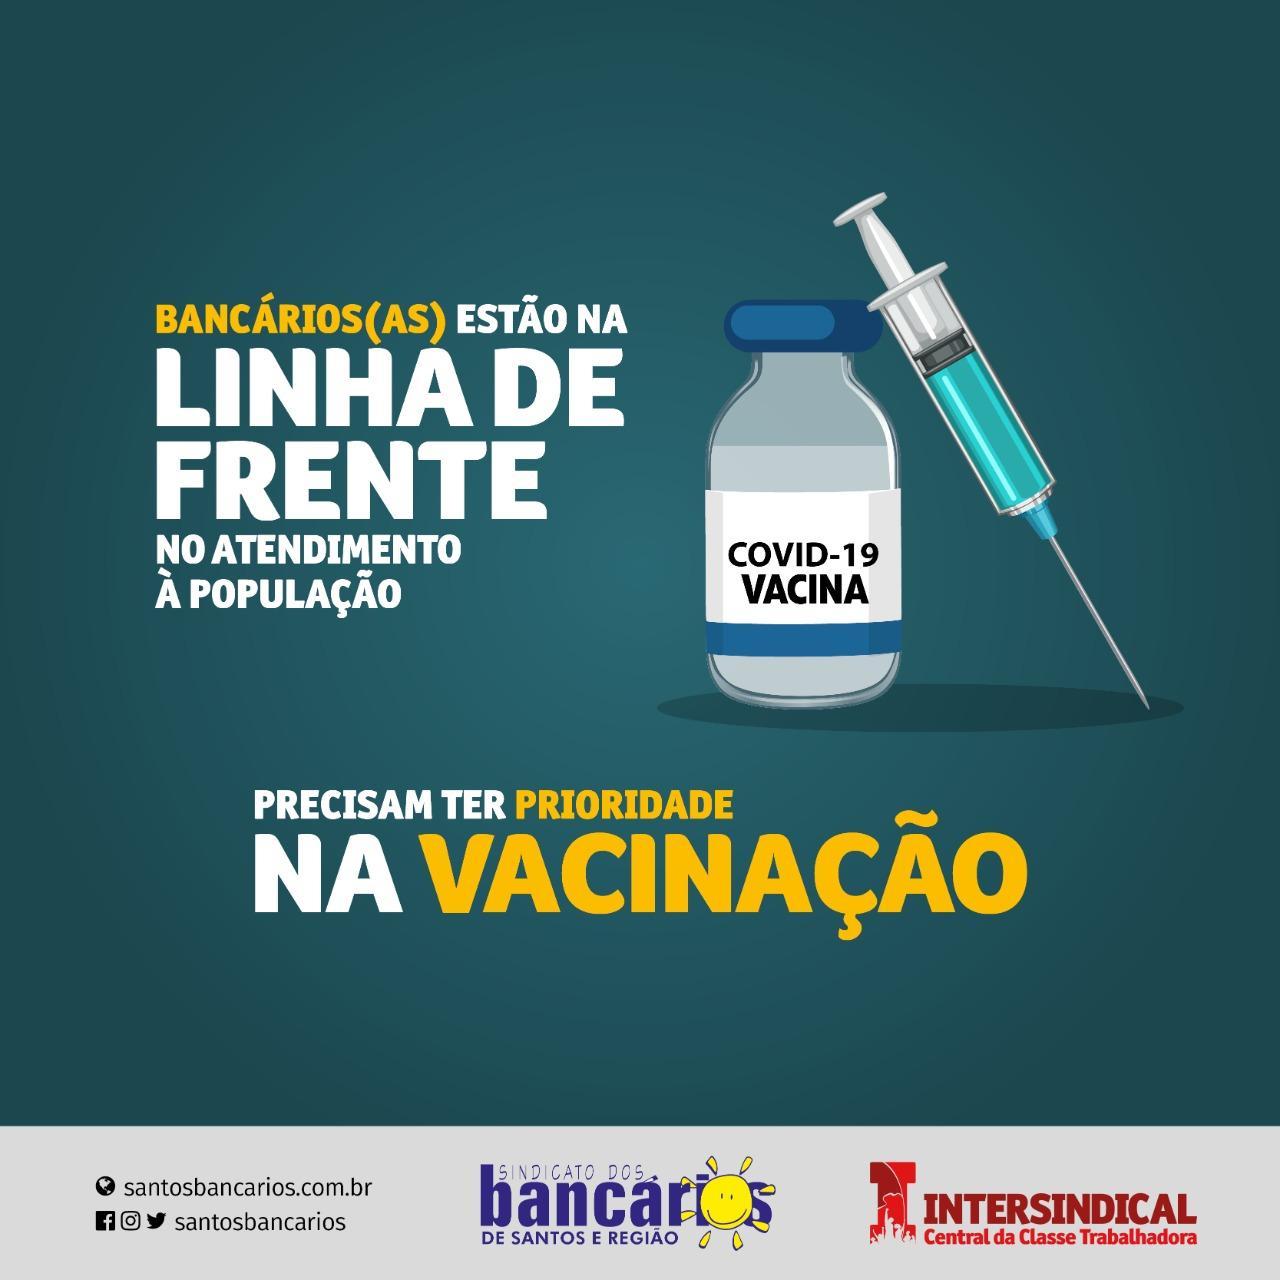 Mesmo com agravamento da pandemia, Bolsonaro corta verba de leitos de UTI para covid-19